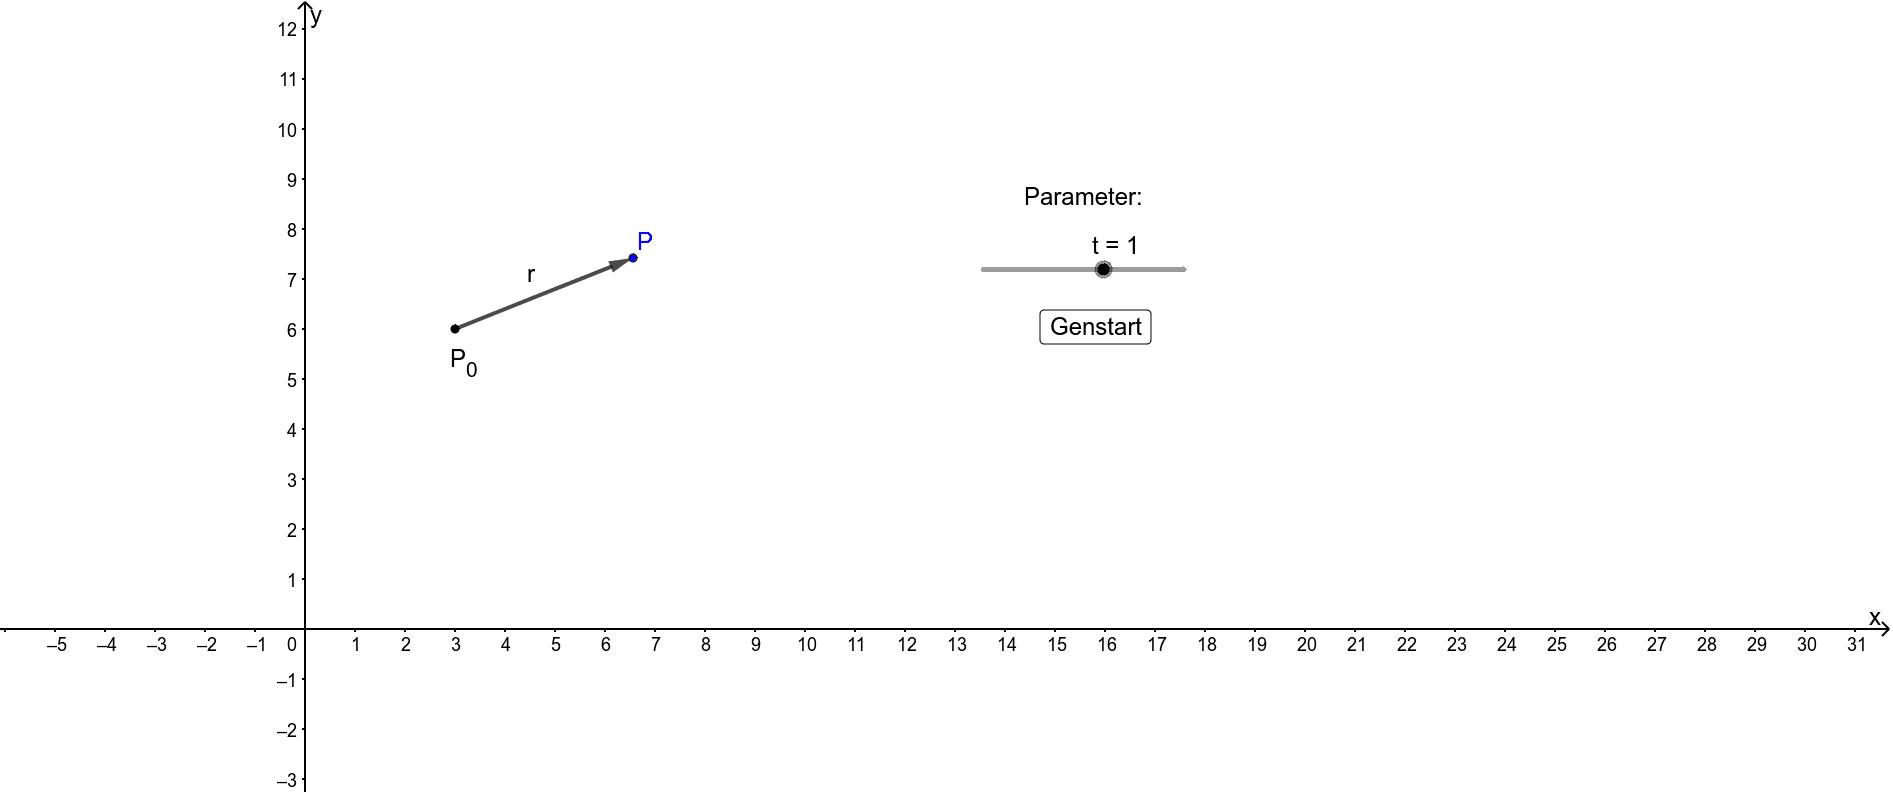 Træk i skyderen (parameter) for at se hvordan punktet P flyttes. Tryk Enter for at starte aktiviteten